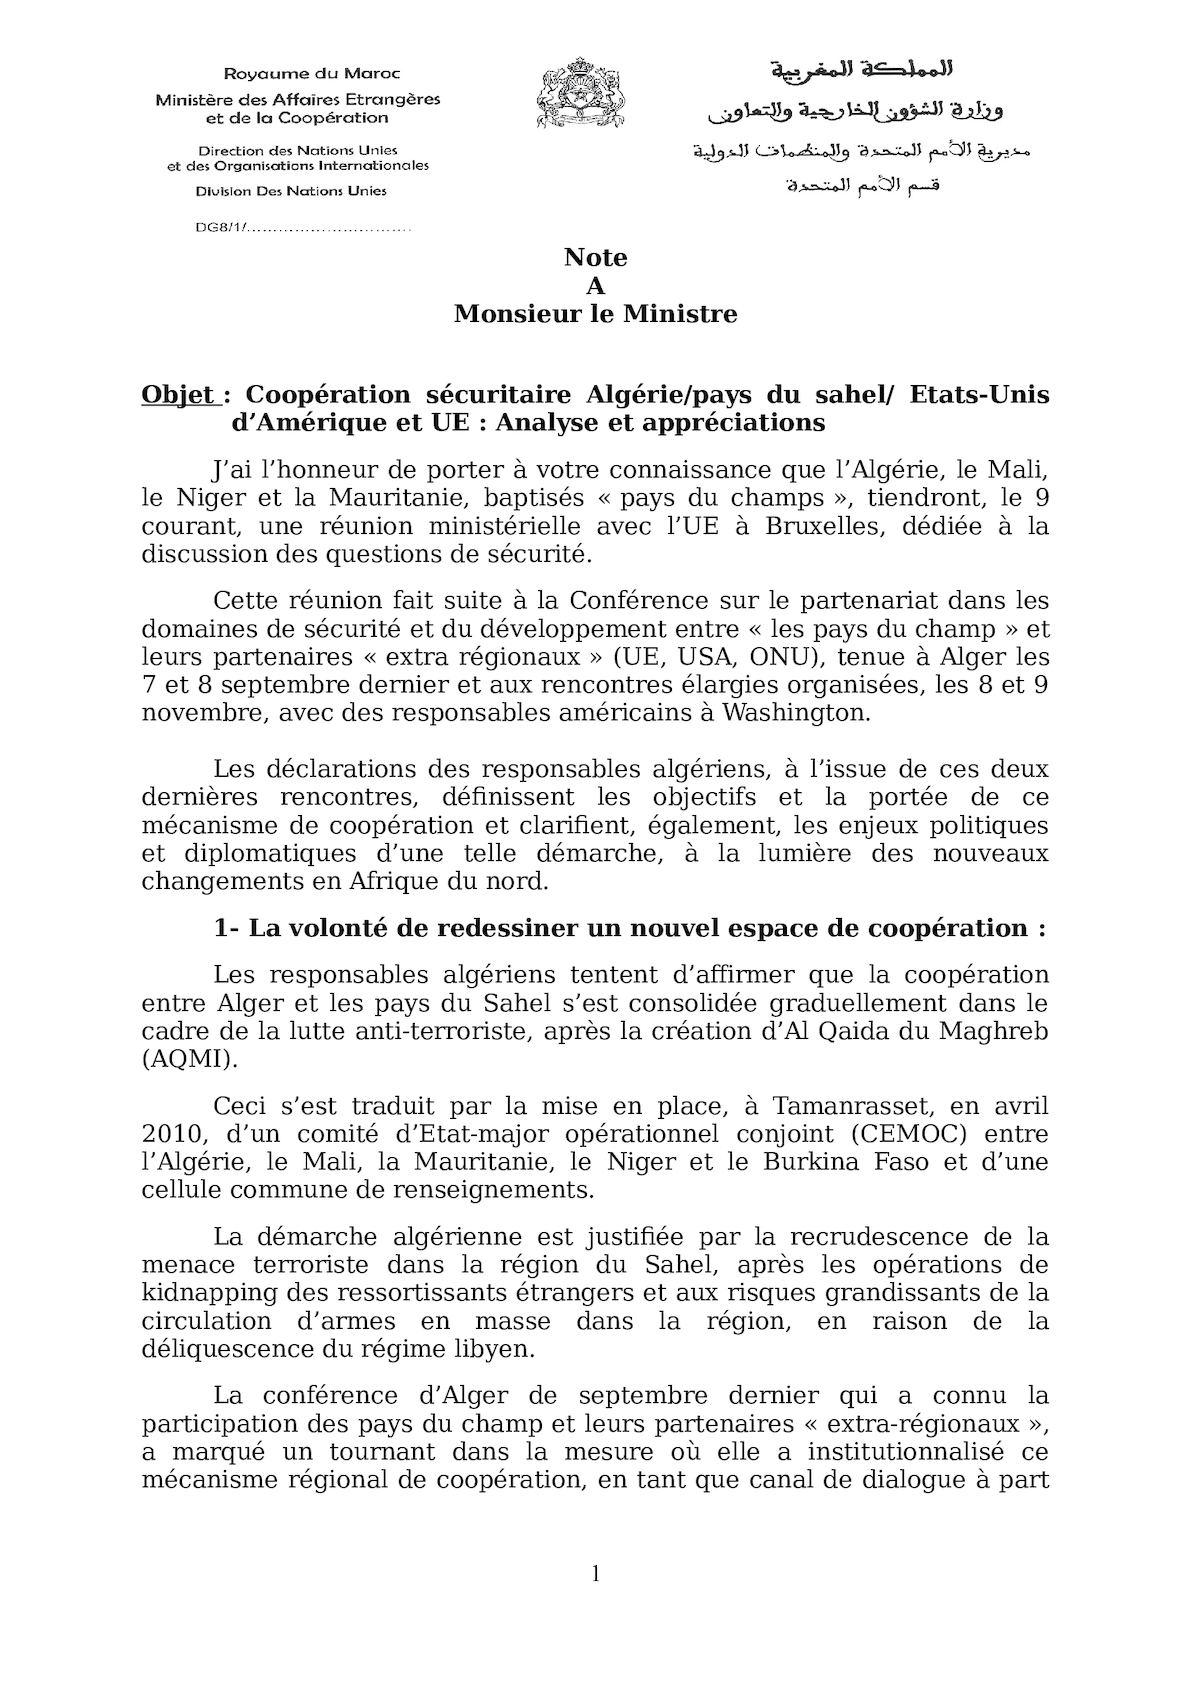 Les Pays Du Champ Et L'Algérie Note Au Ministre(1).